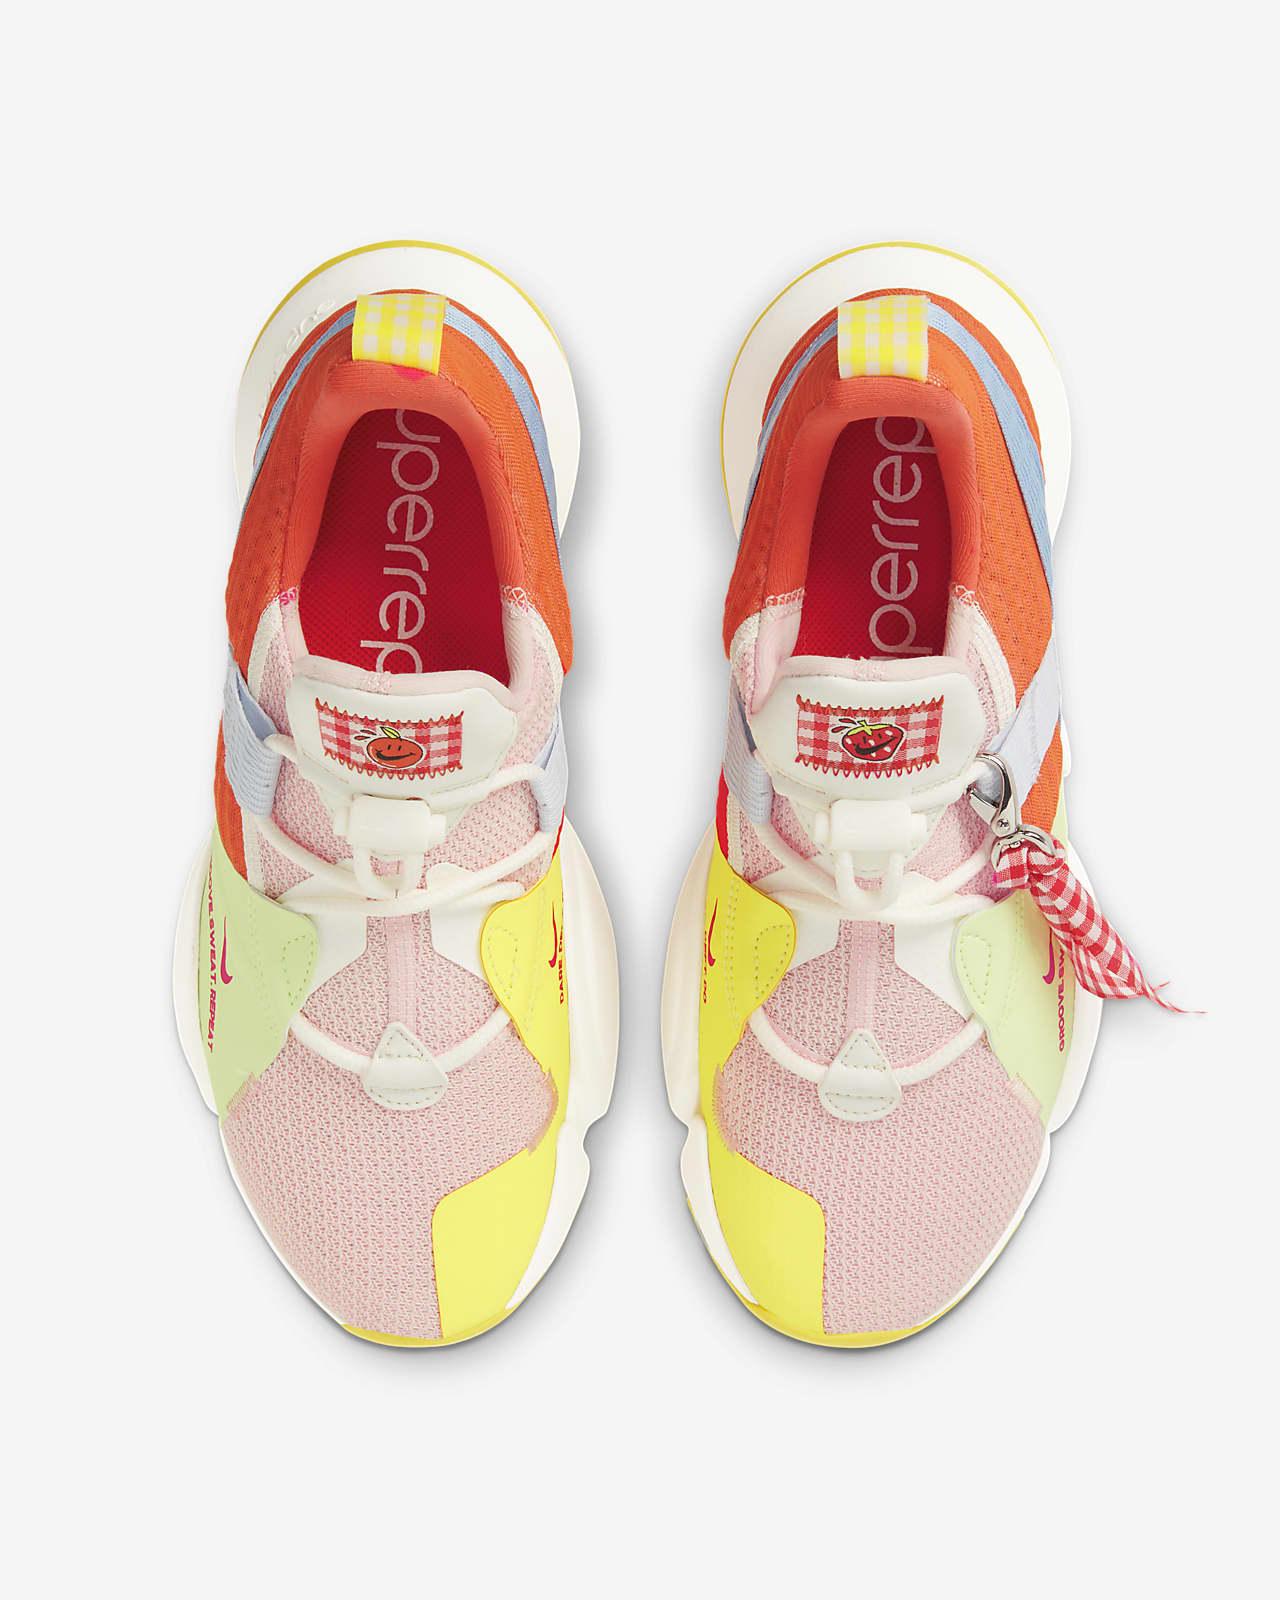 รองเท้าเต้นคาร์ดิโอผู้หญิง Nike SuperRep Groove